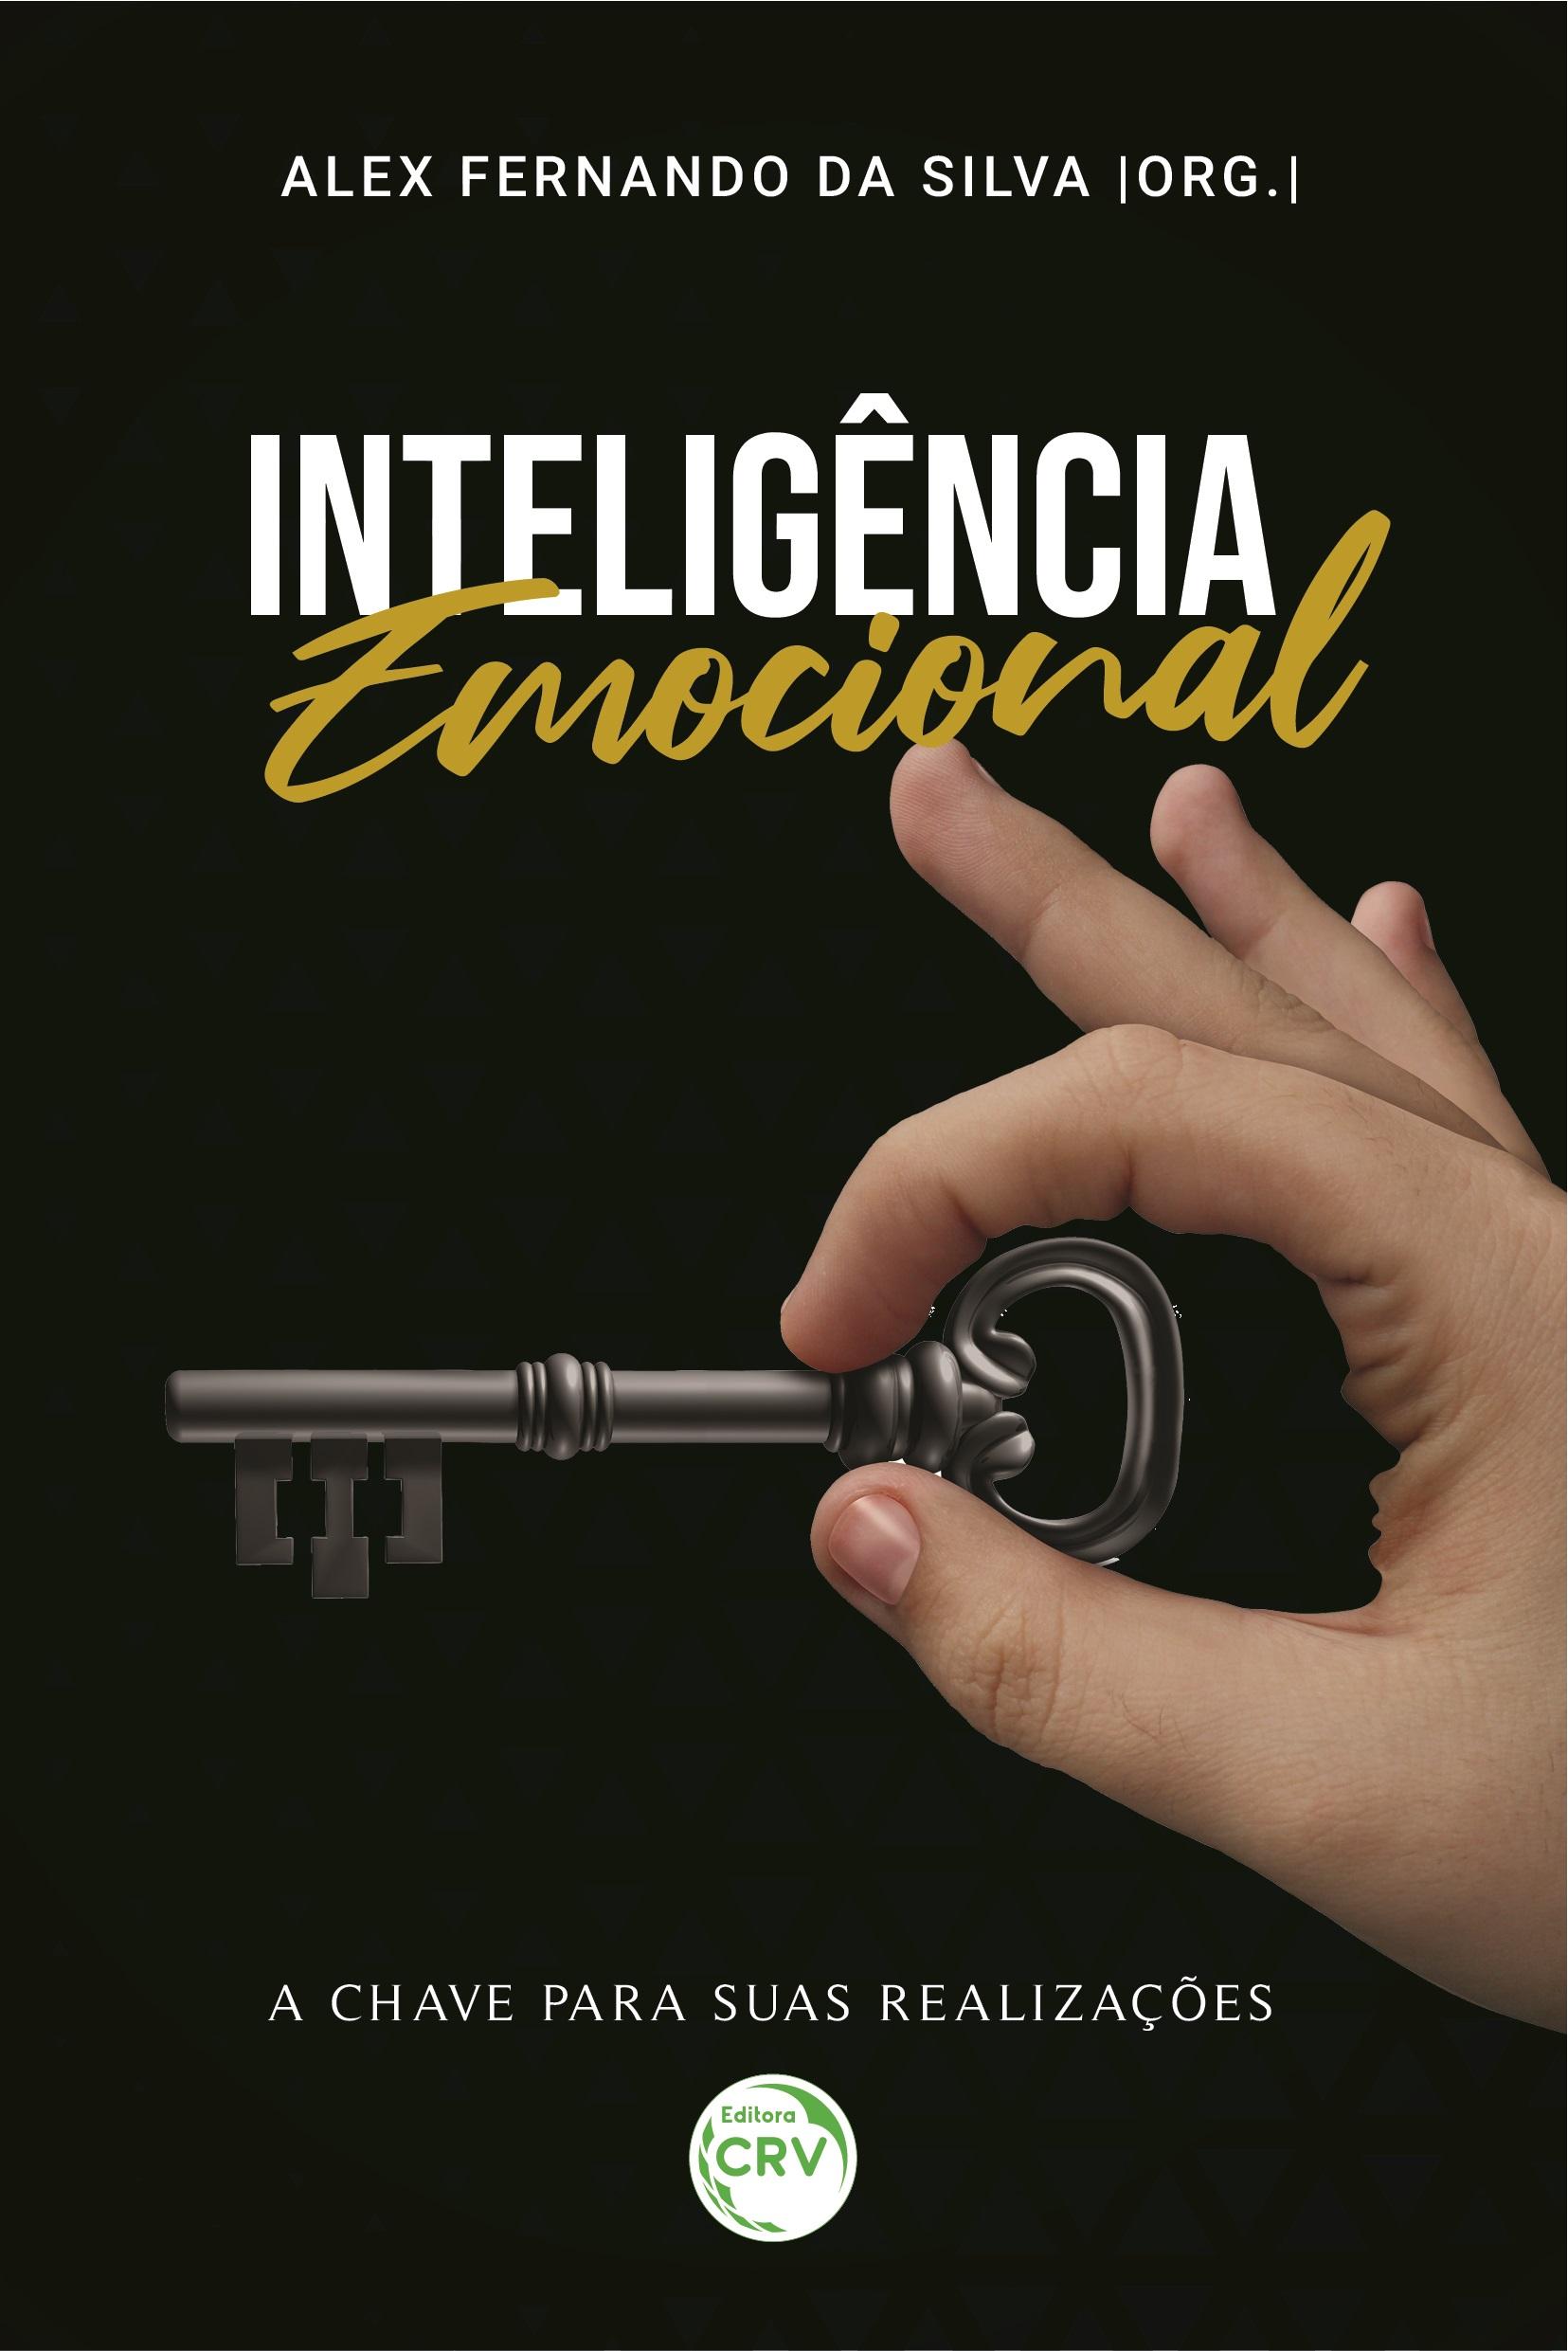 Capa do livro: INTELIGÊNCIA EMOCIONAL:<br> a chave para suas realizações